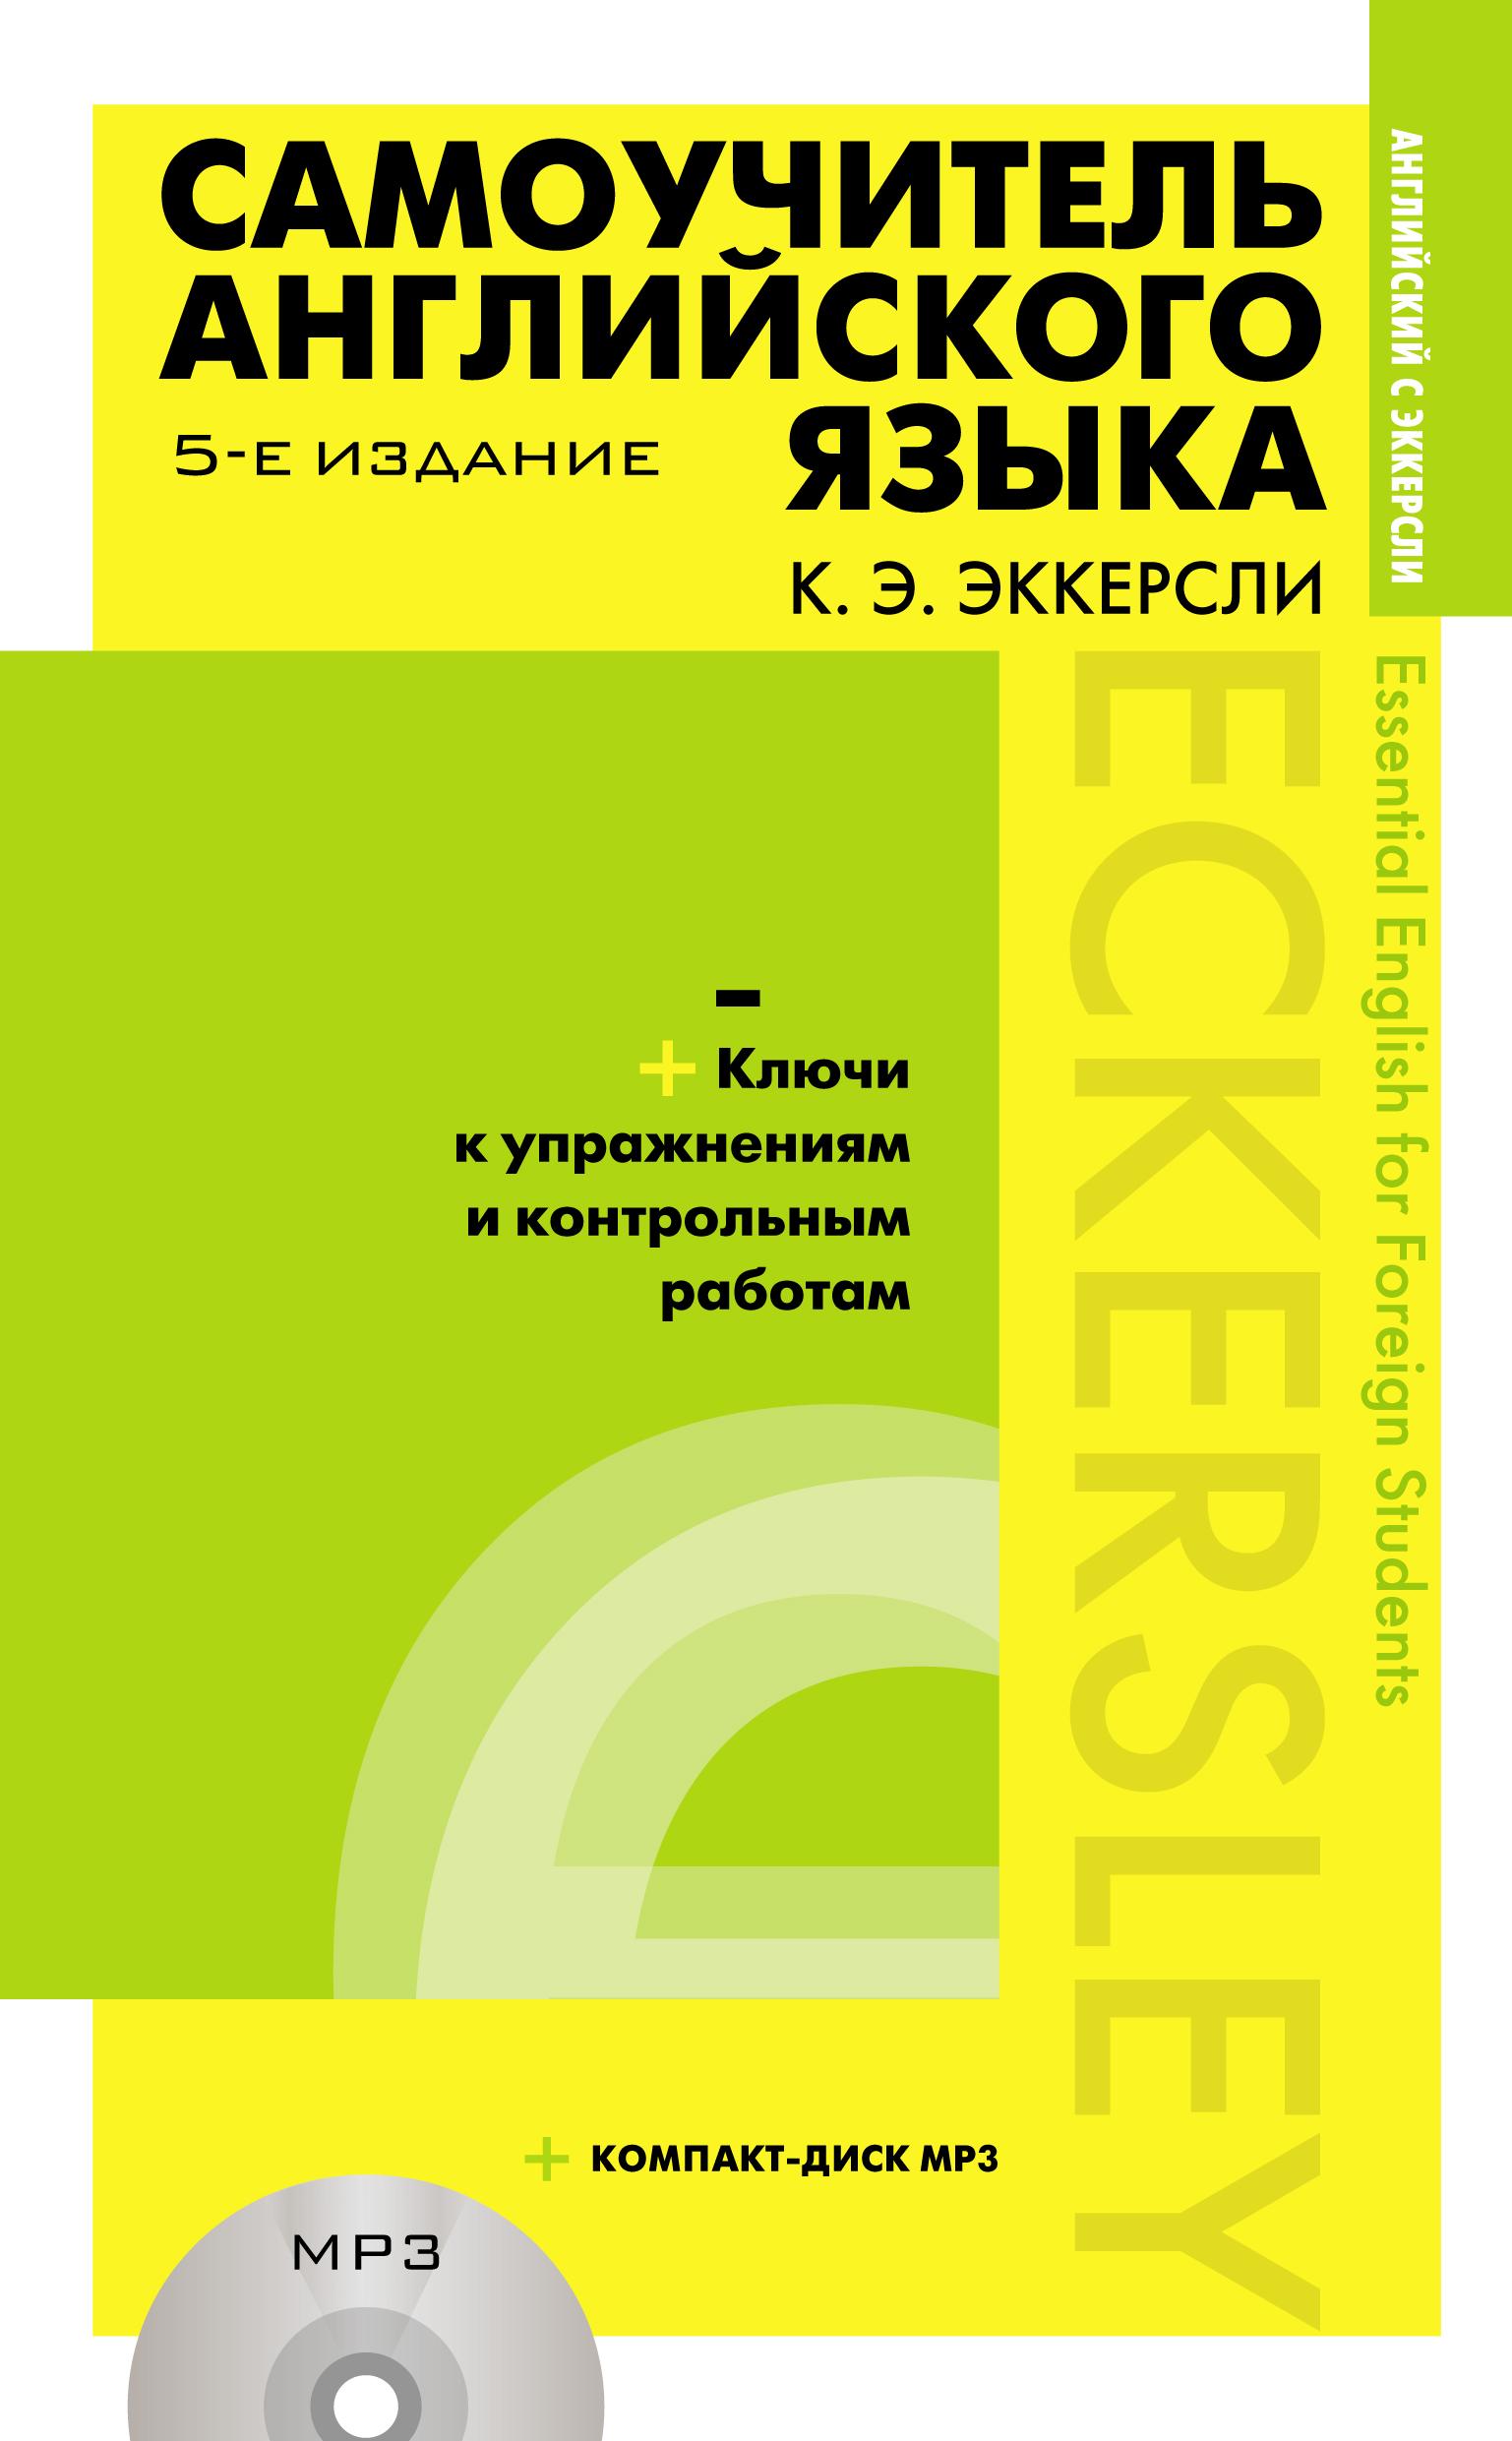 Карл Эварт Эккерсли Самоучитель английского языка с ключами к упражнениям и контрольным работам (+MP3) эккерсли к самоучитель английского языка с ключами и контрольными работами cd mp3